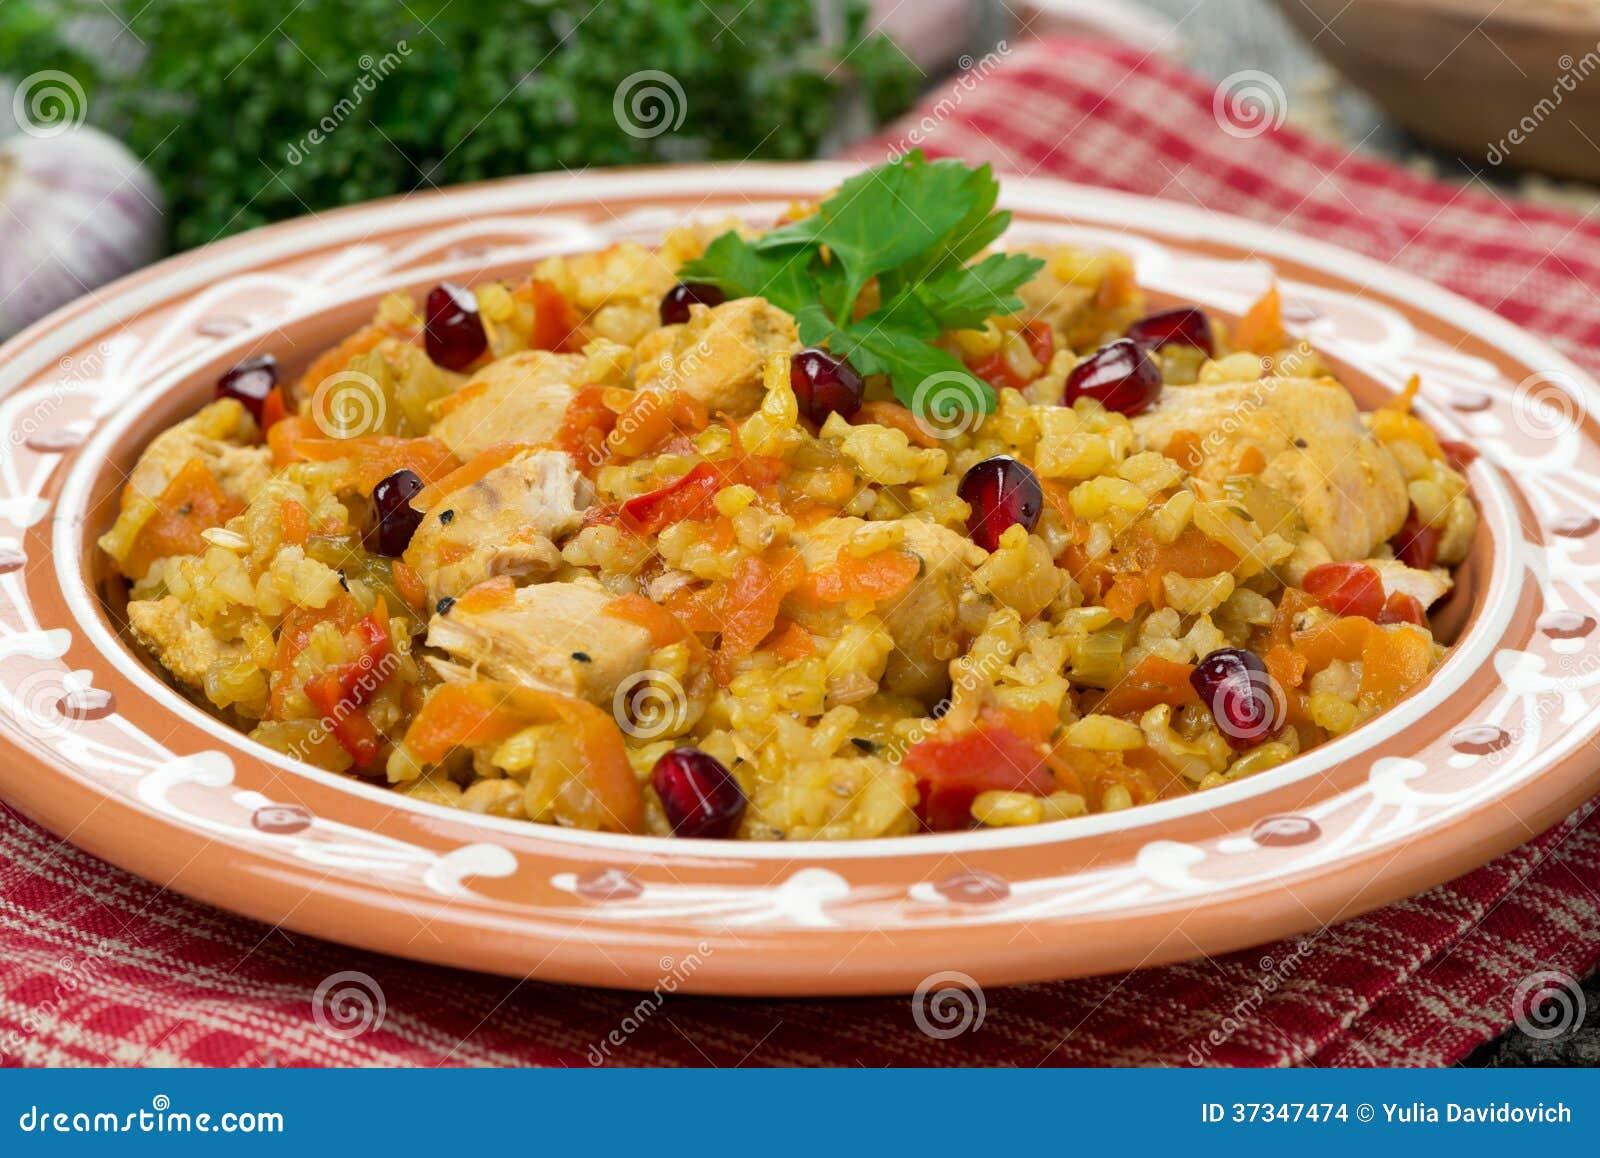 Pilaf avec les légumes, le poulet et la grenade, plan rapproché